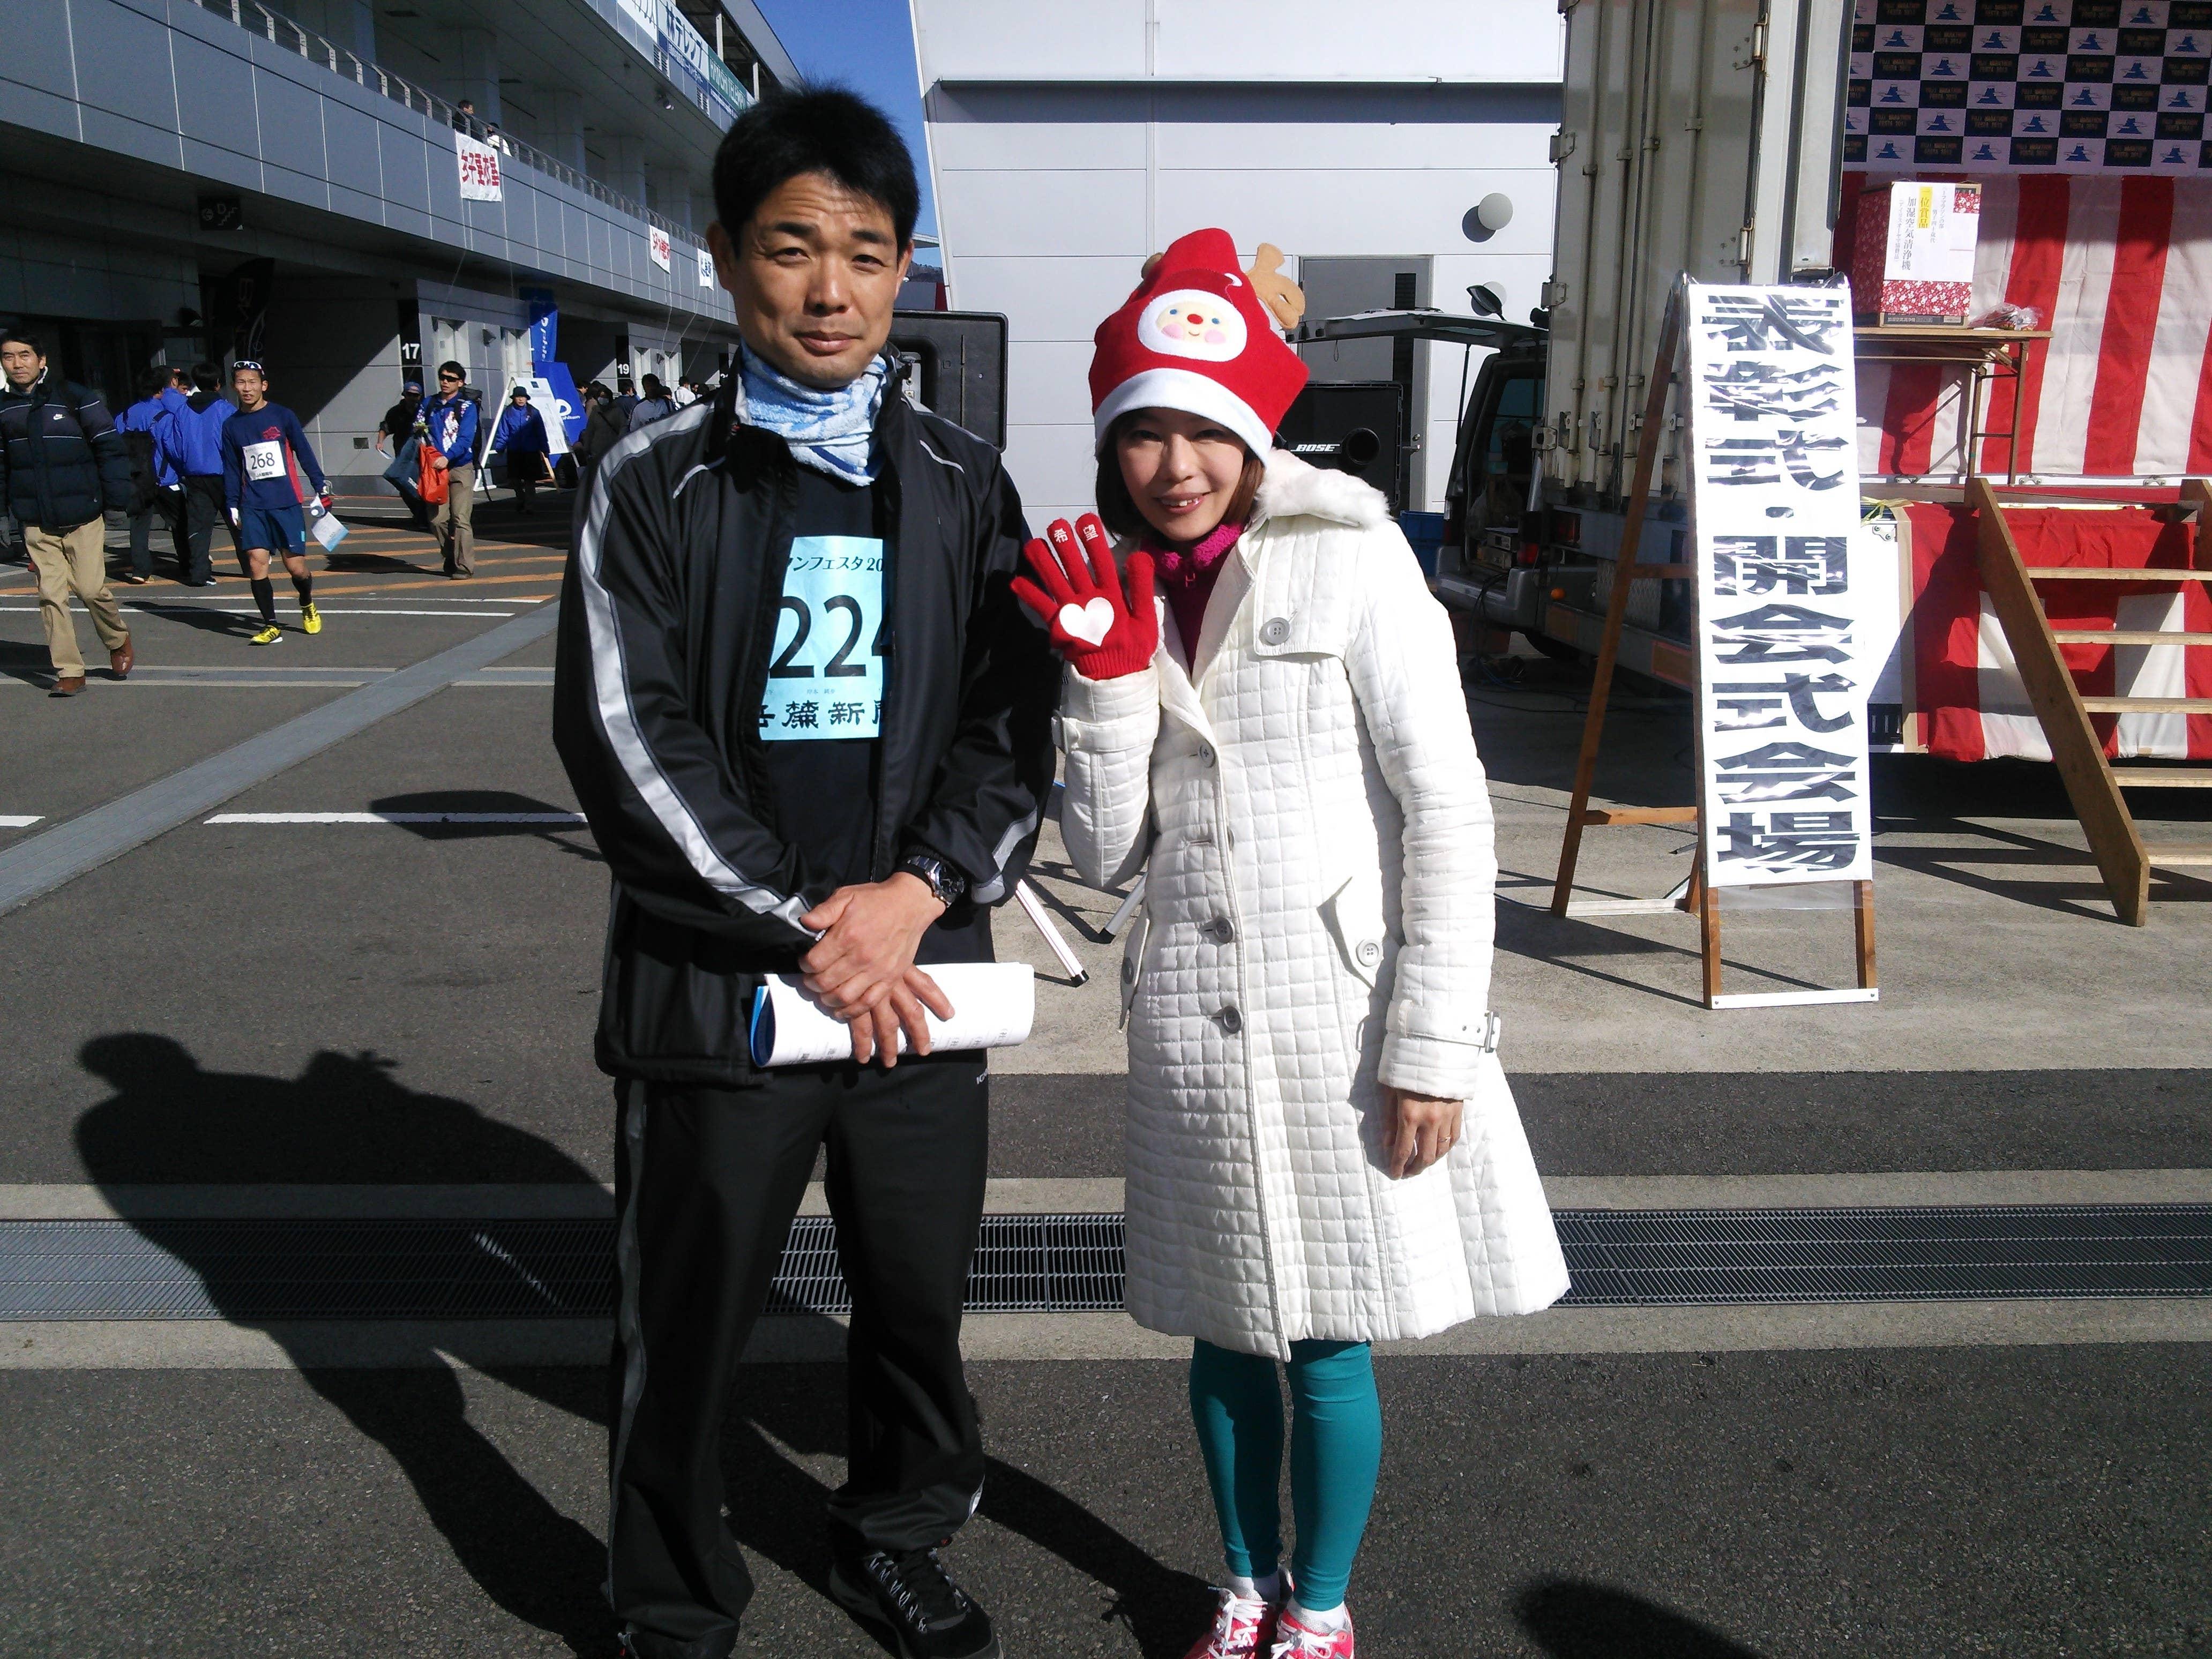 j.kishimoto